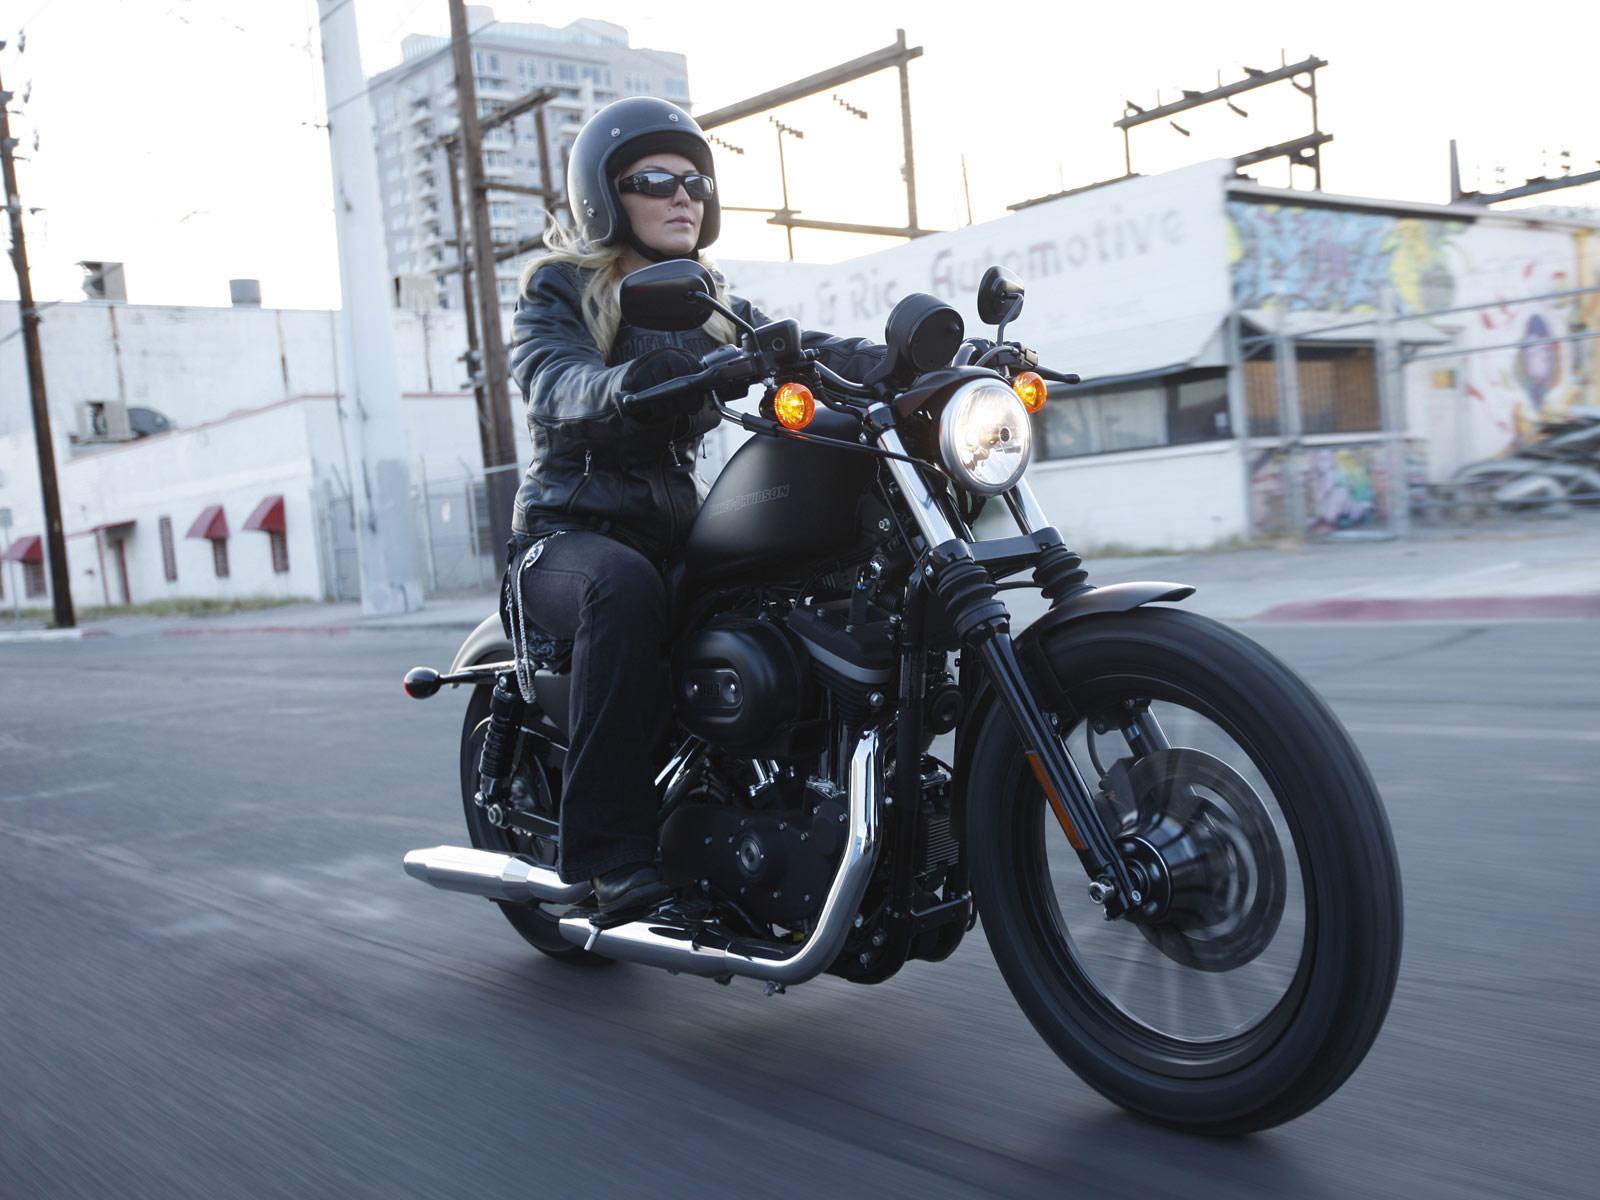 http://2.bp.blogspot.com/-mdb587T4sS4/Tp5Oe8QIbZI/AAAAAAAAGX8/CDvKm_yf92w/s1600/Harley-Davidson-pictures_2010_Sportster-XL883N-Iron-883_4.jpg